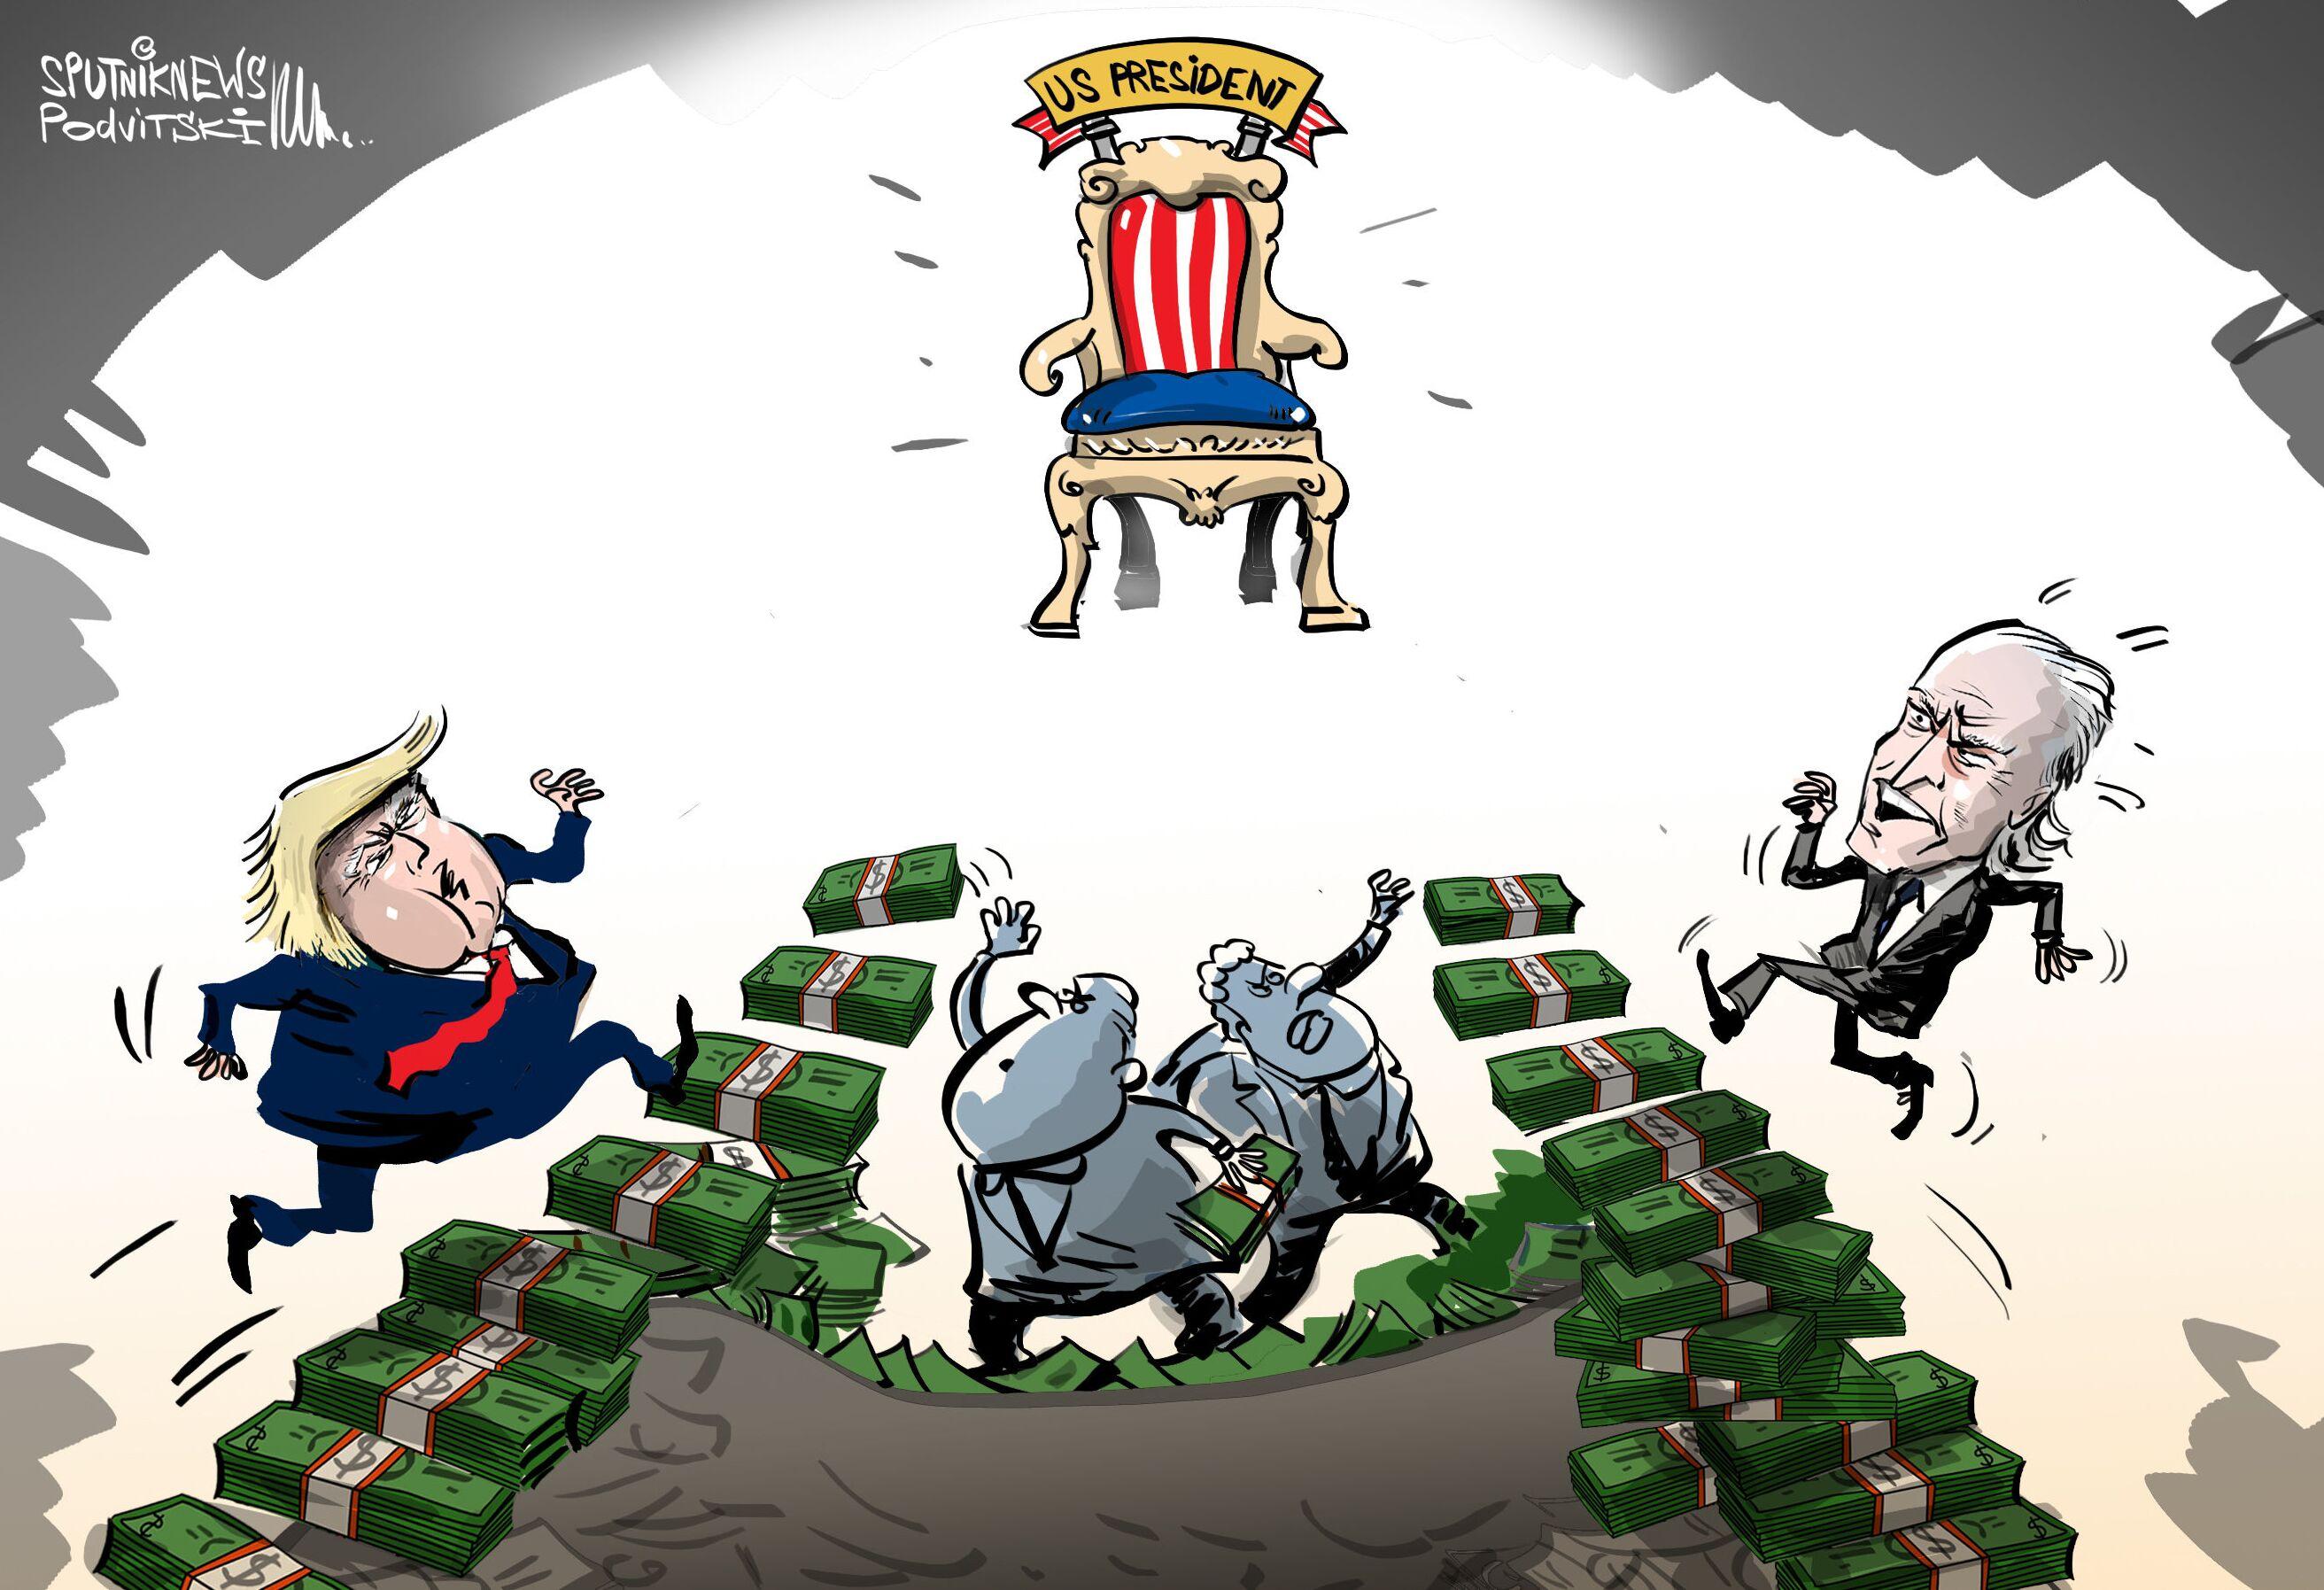 ترامب وبايدن يجمعان تبرعات بمقدار 60 مليون دولار